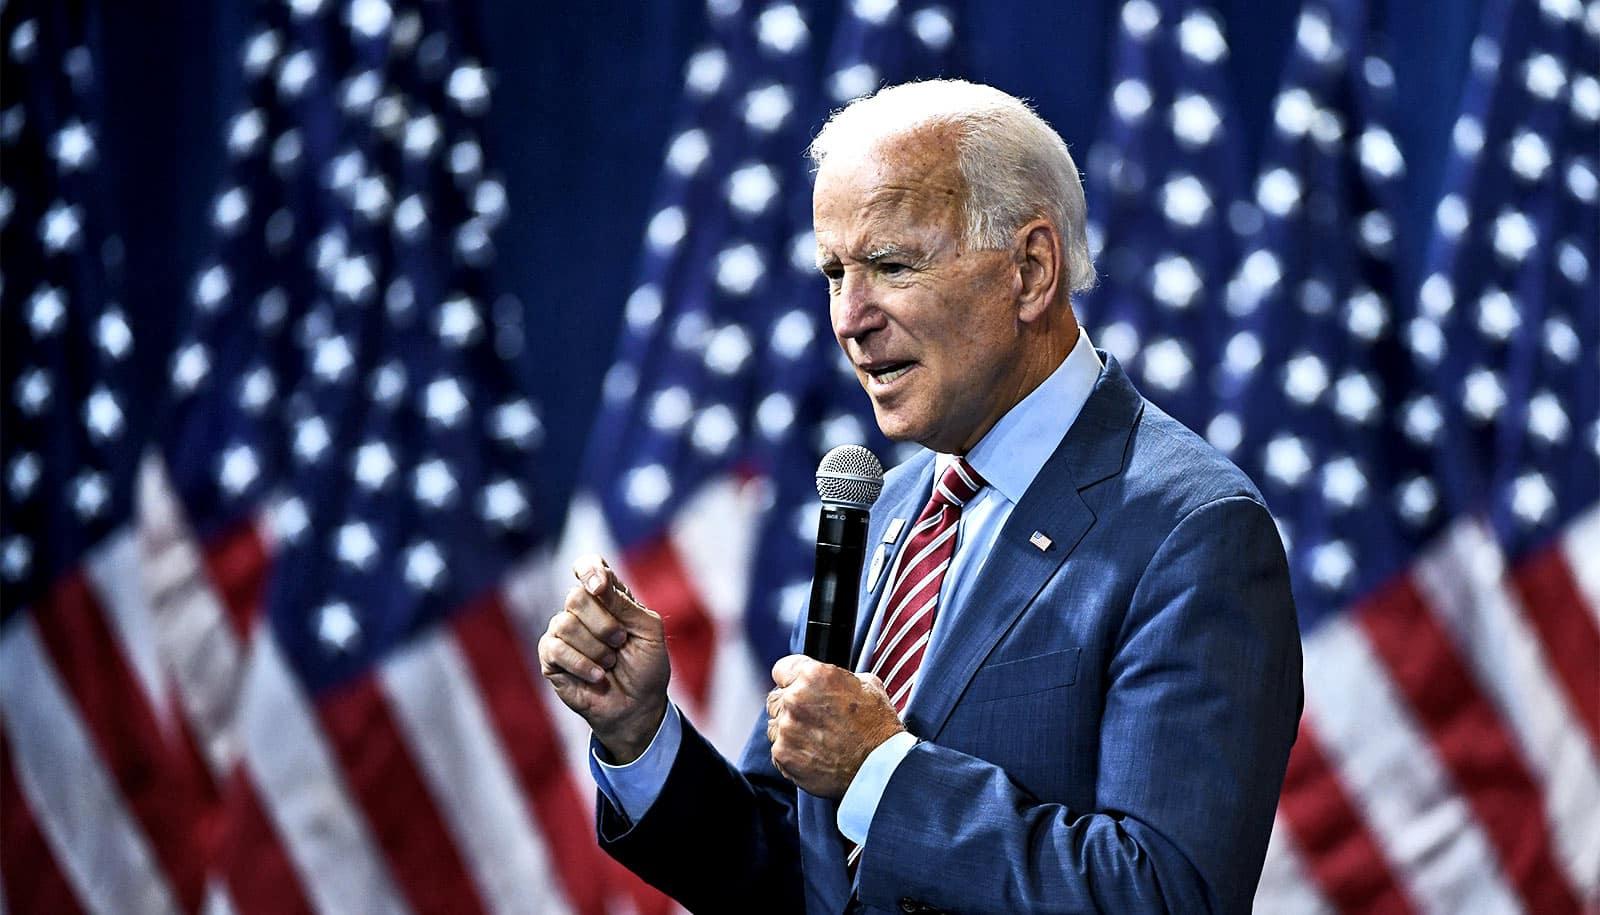 Why Joe Biden's stutter is a big deal